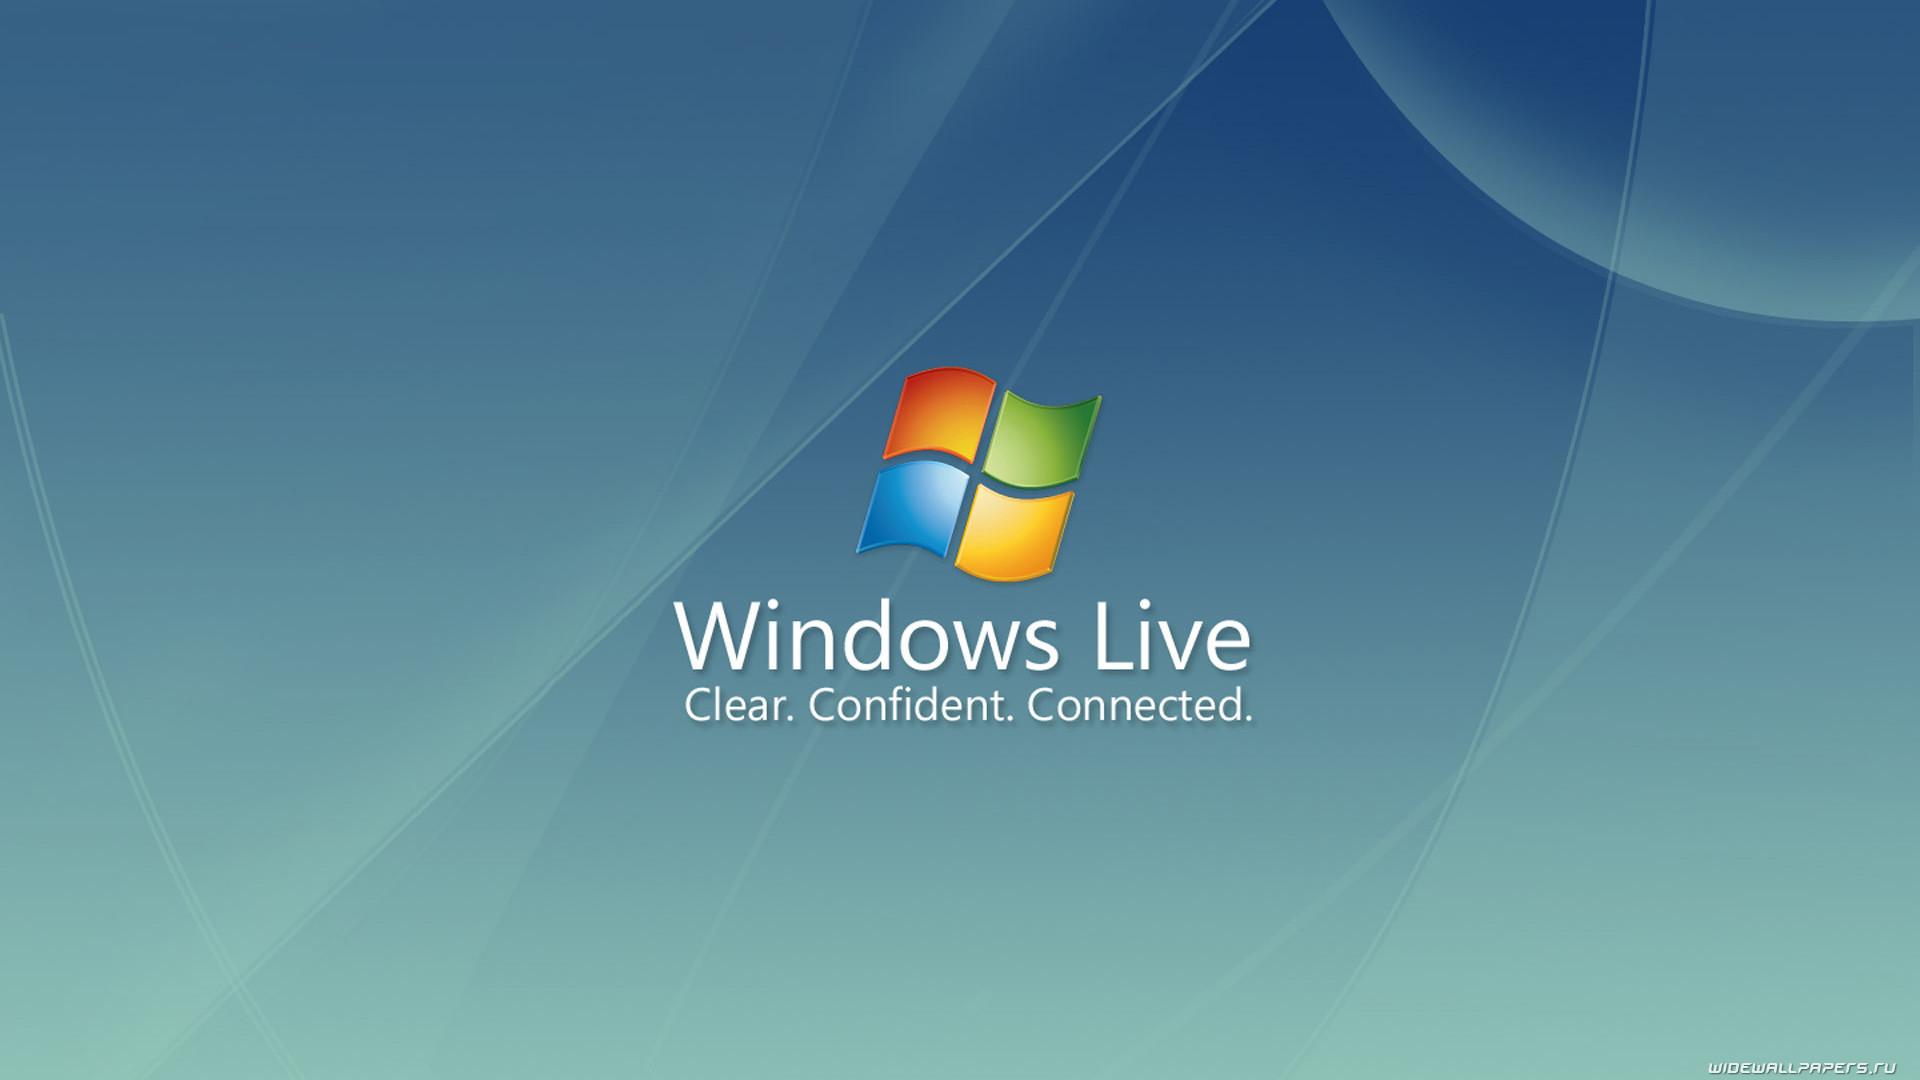 Windows Live Wallpapers HD Wallpaper of Windows – hdwallpaper2013.com